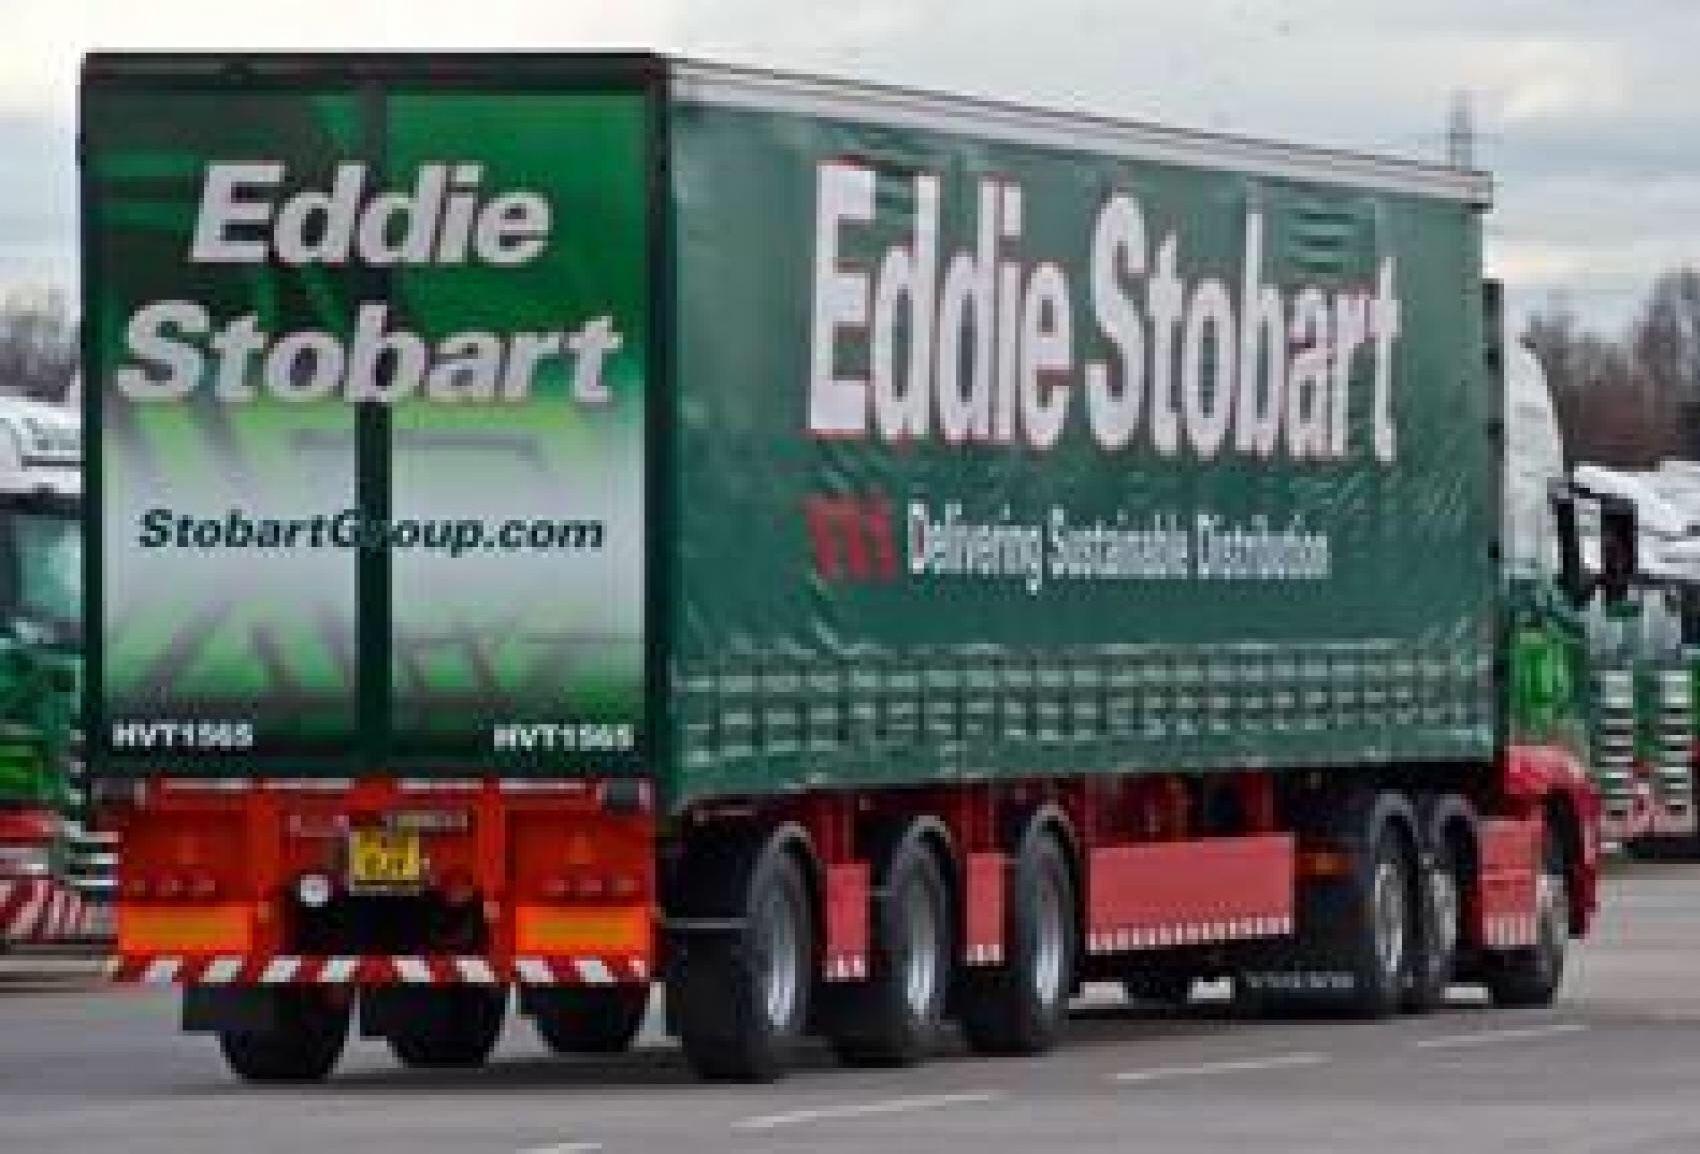 Pin by Veli Korkiakoski on Trucking Eddie stobart trucks